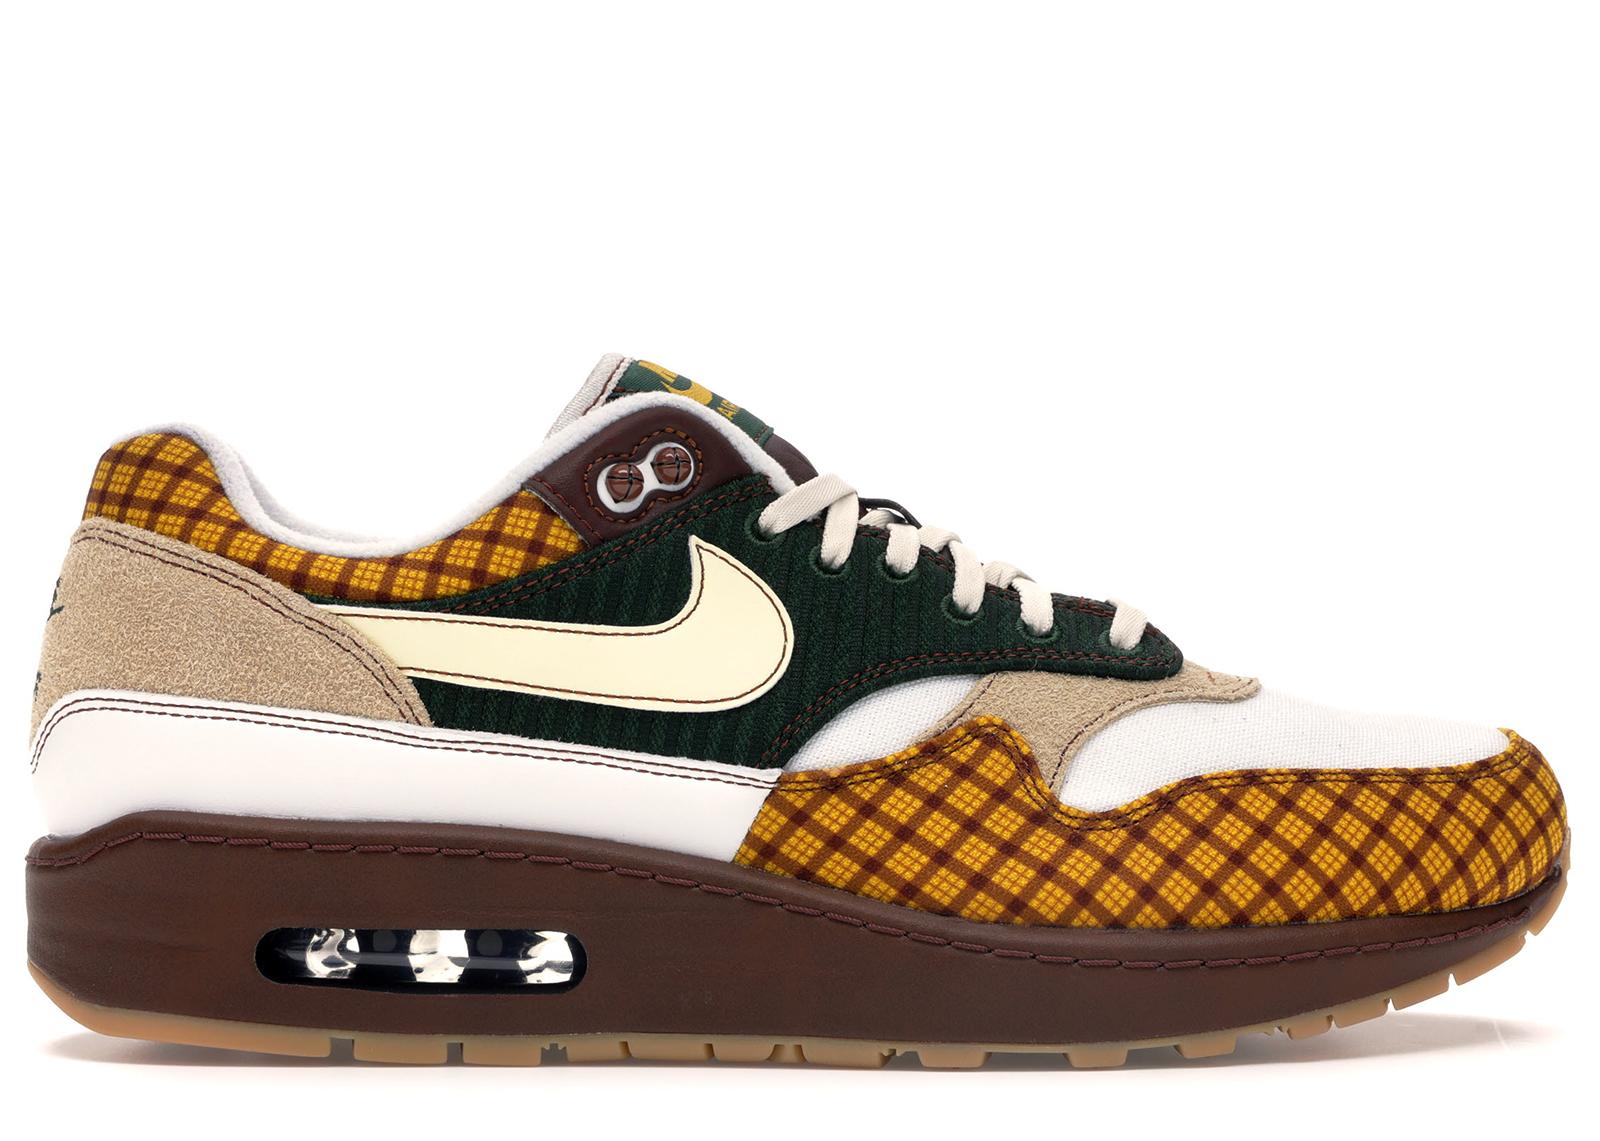 Nike Air Max 1 Susan Missing Link